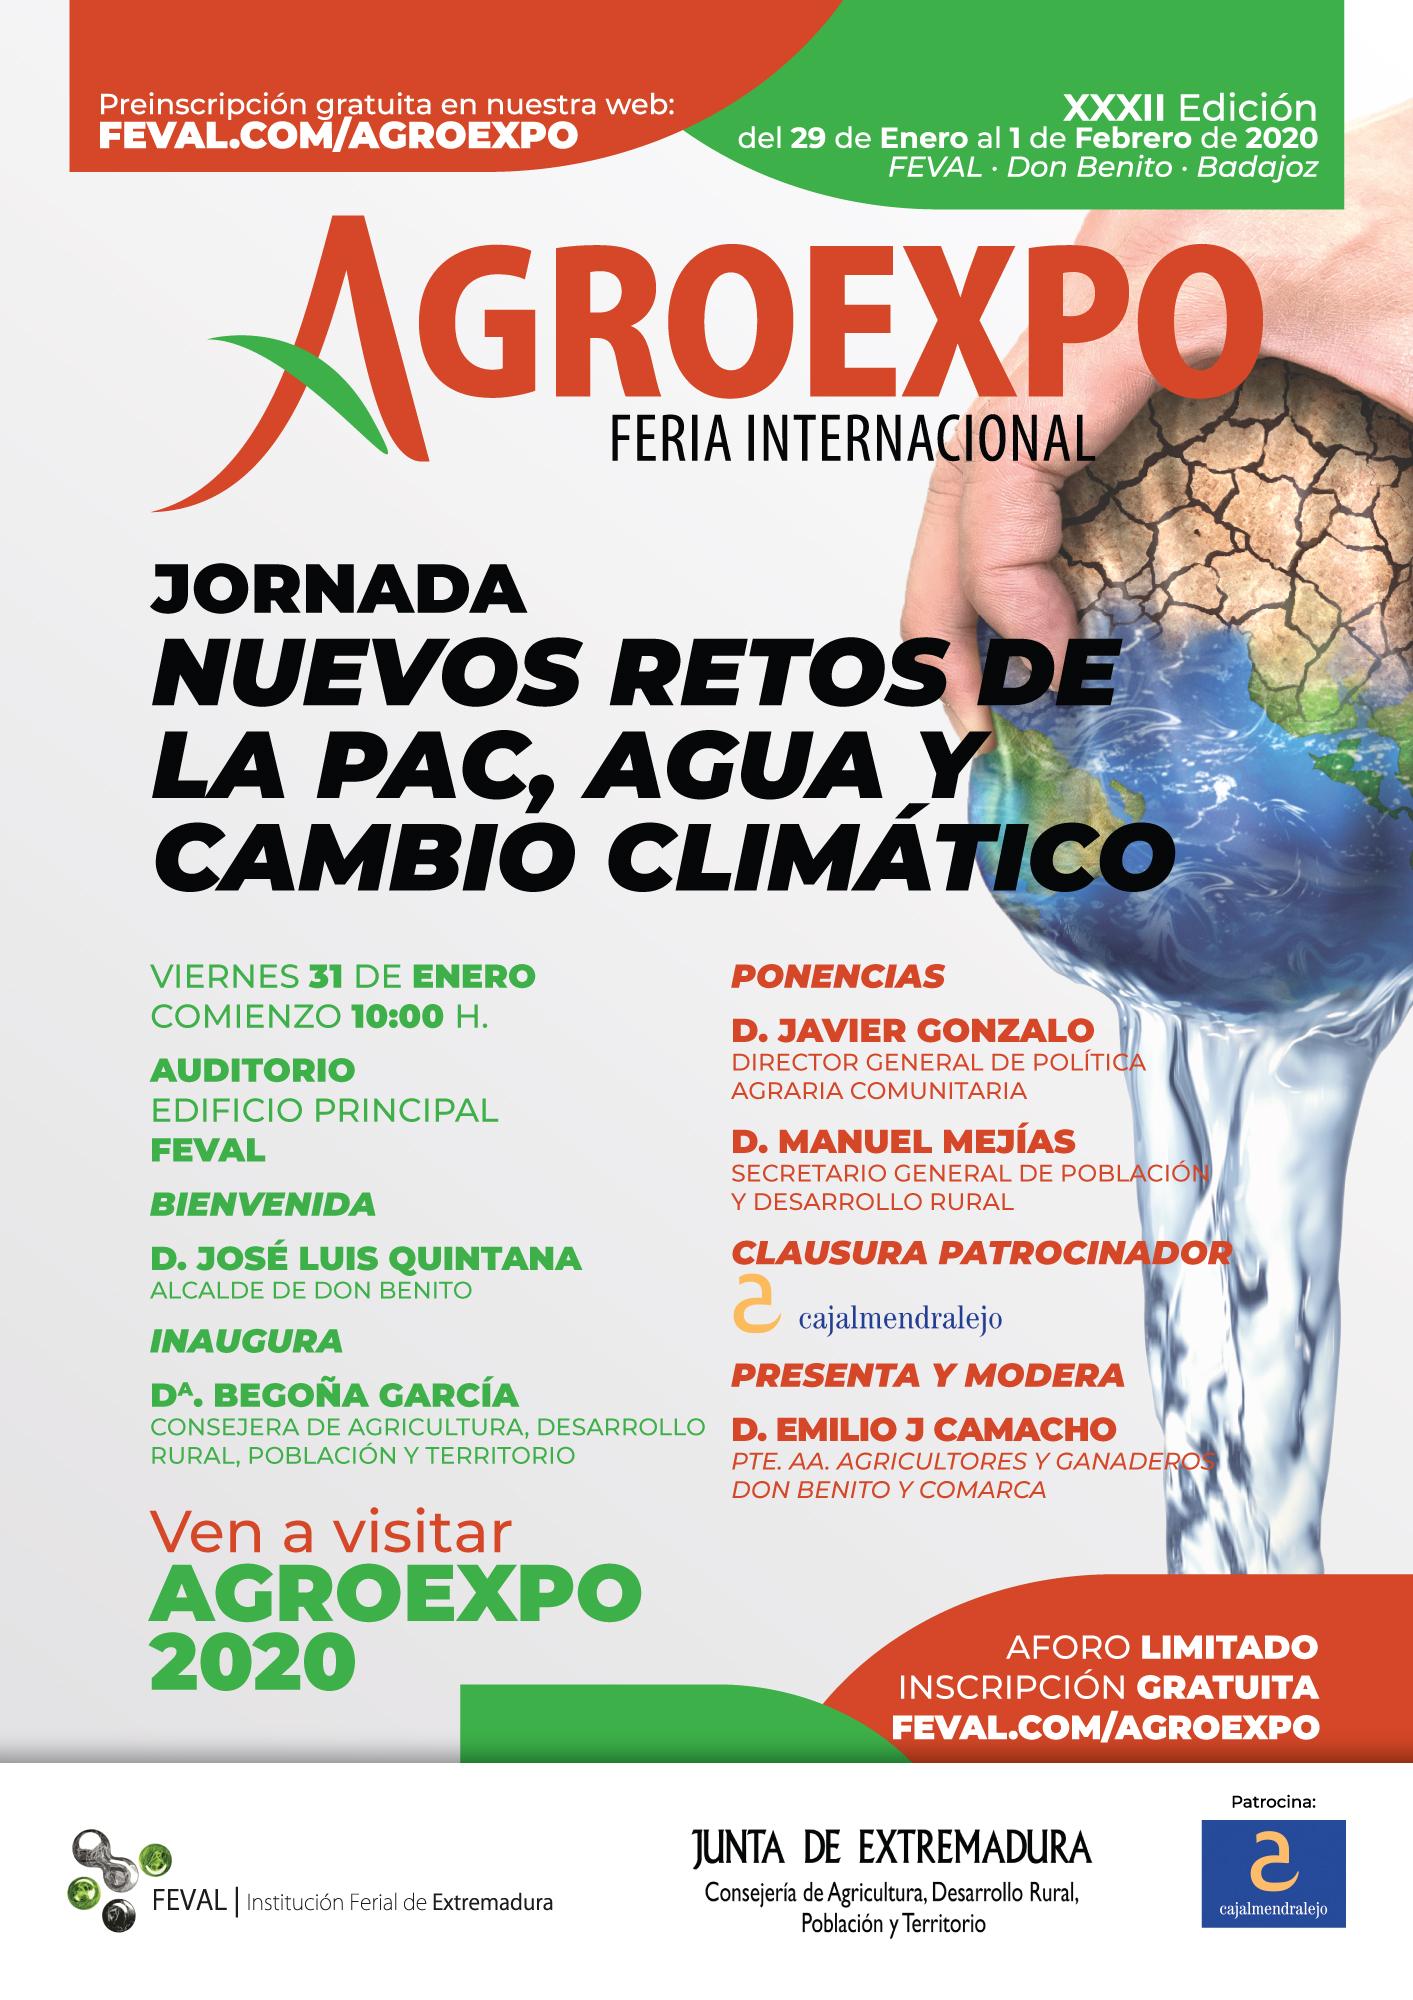 Agroexpo abordará los nuevos retos de la Política Agraria Comunitaria orientada a la obtención de resultados